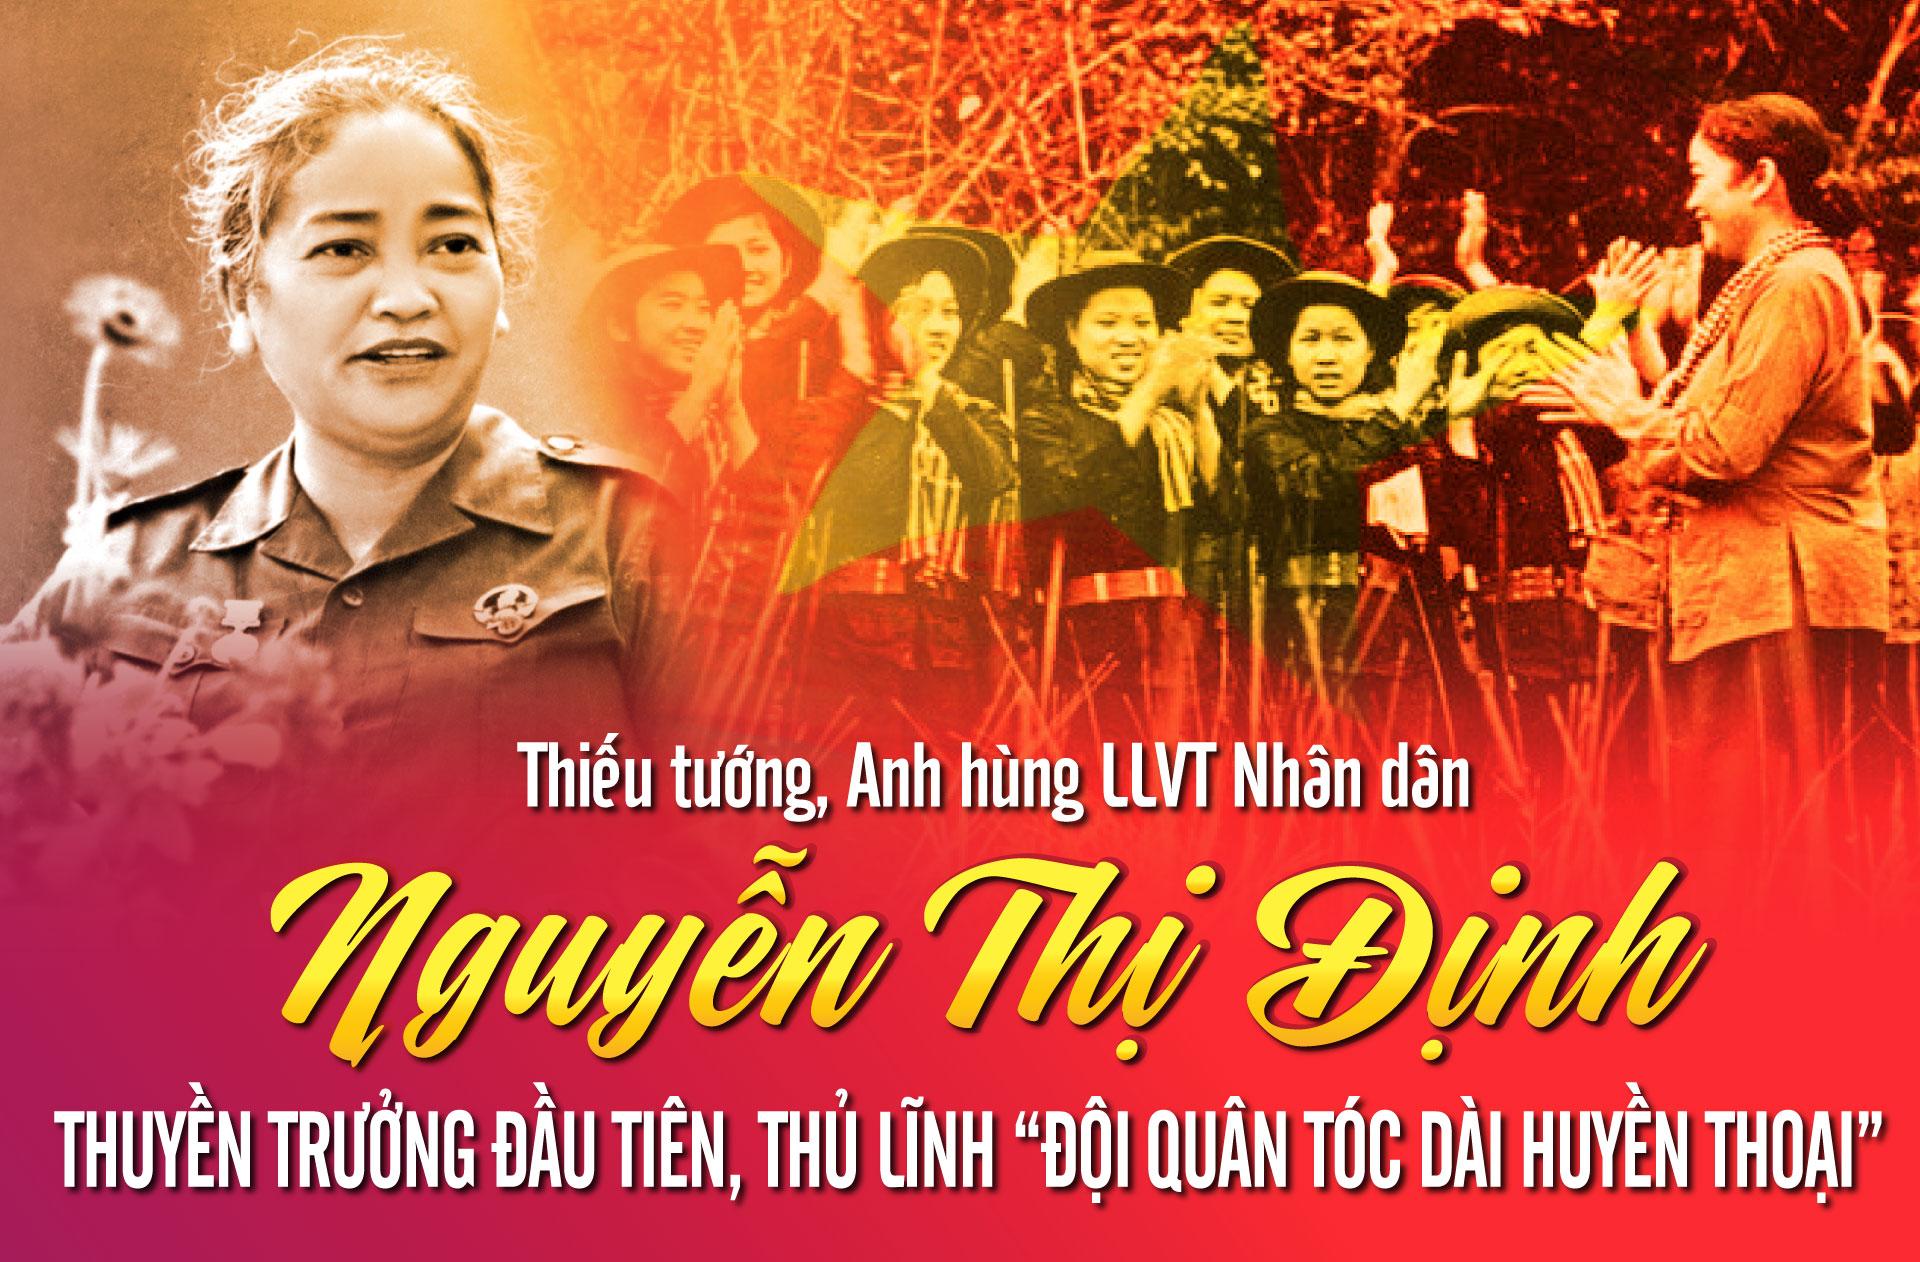 """Thiếu tướng, Anh hùng LLVT Nhân dân Nguyễn Thị Định: Thuyền trưởng đầu tiên, thủ lĩnh """"đội quân tóc dài huyền thoại"""""""